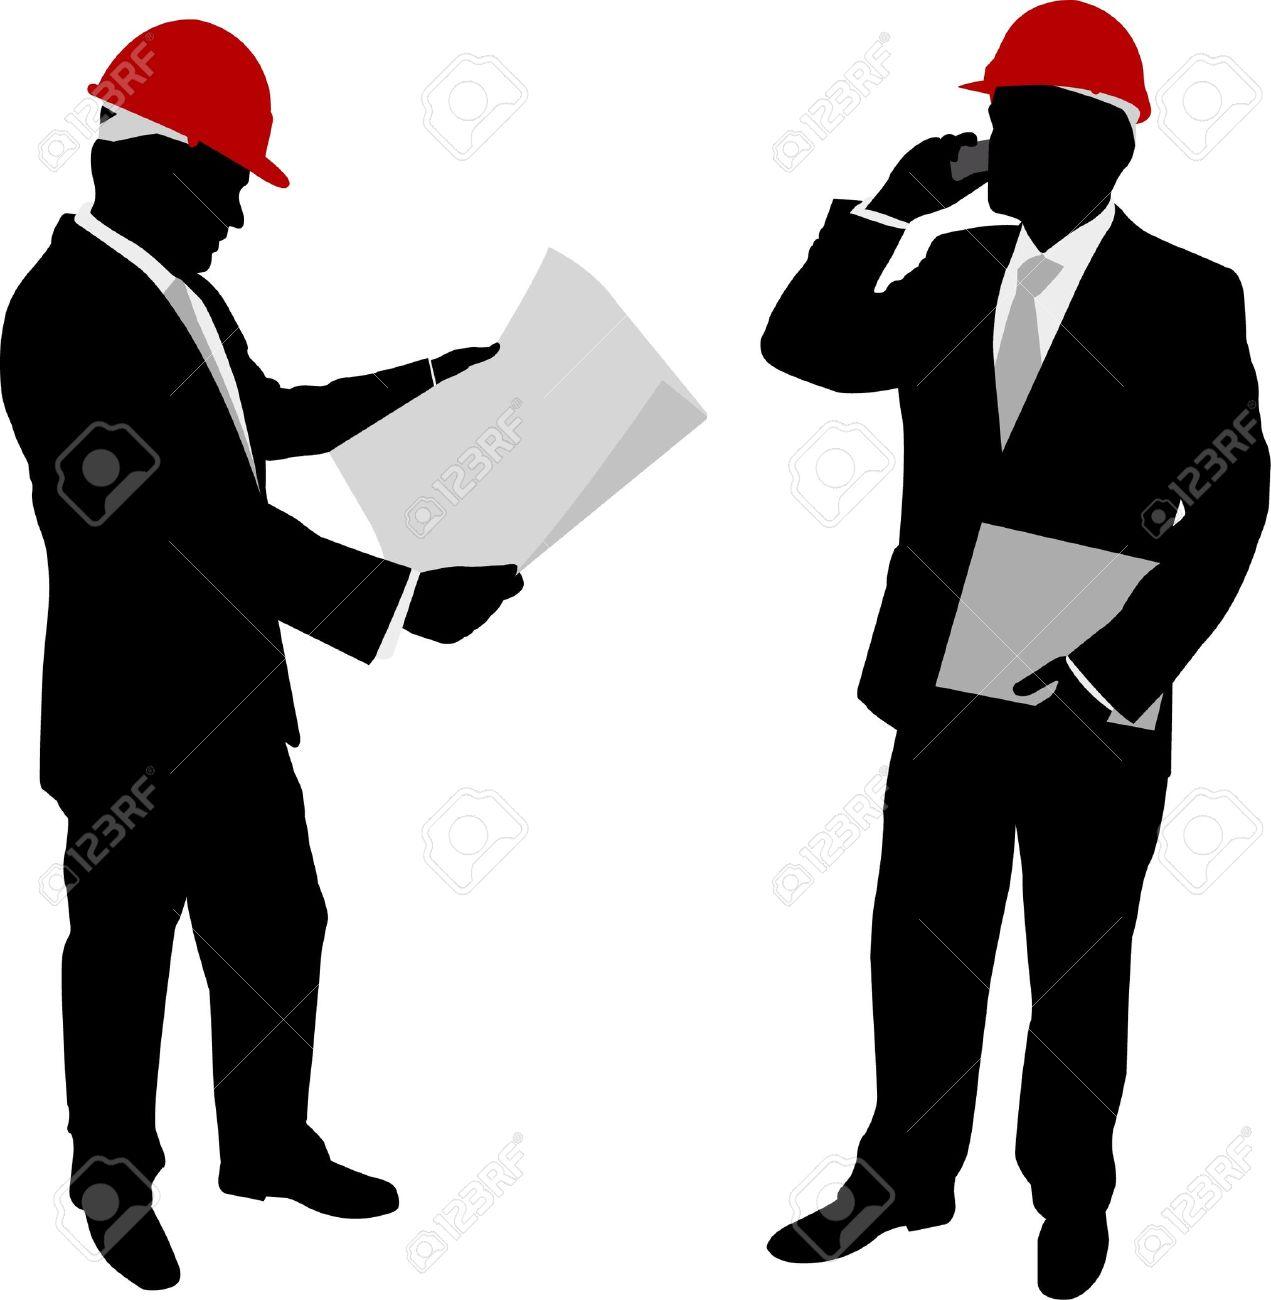 businessmen with hard hat - vector Stock Vector - 11663883